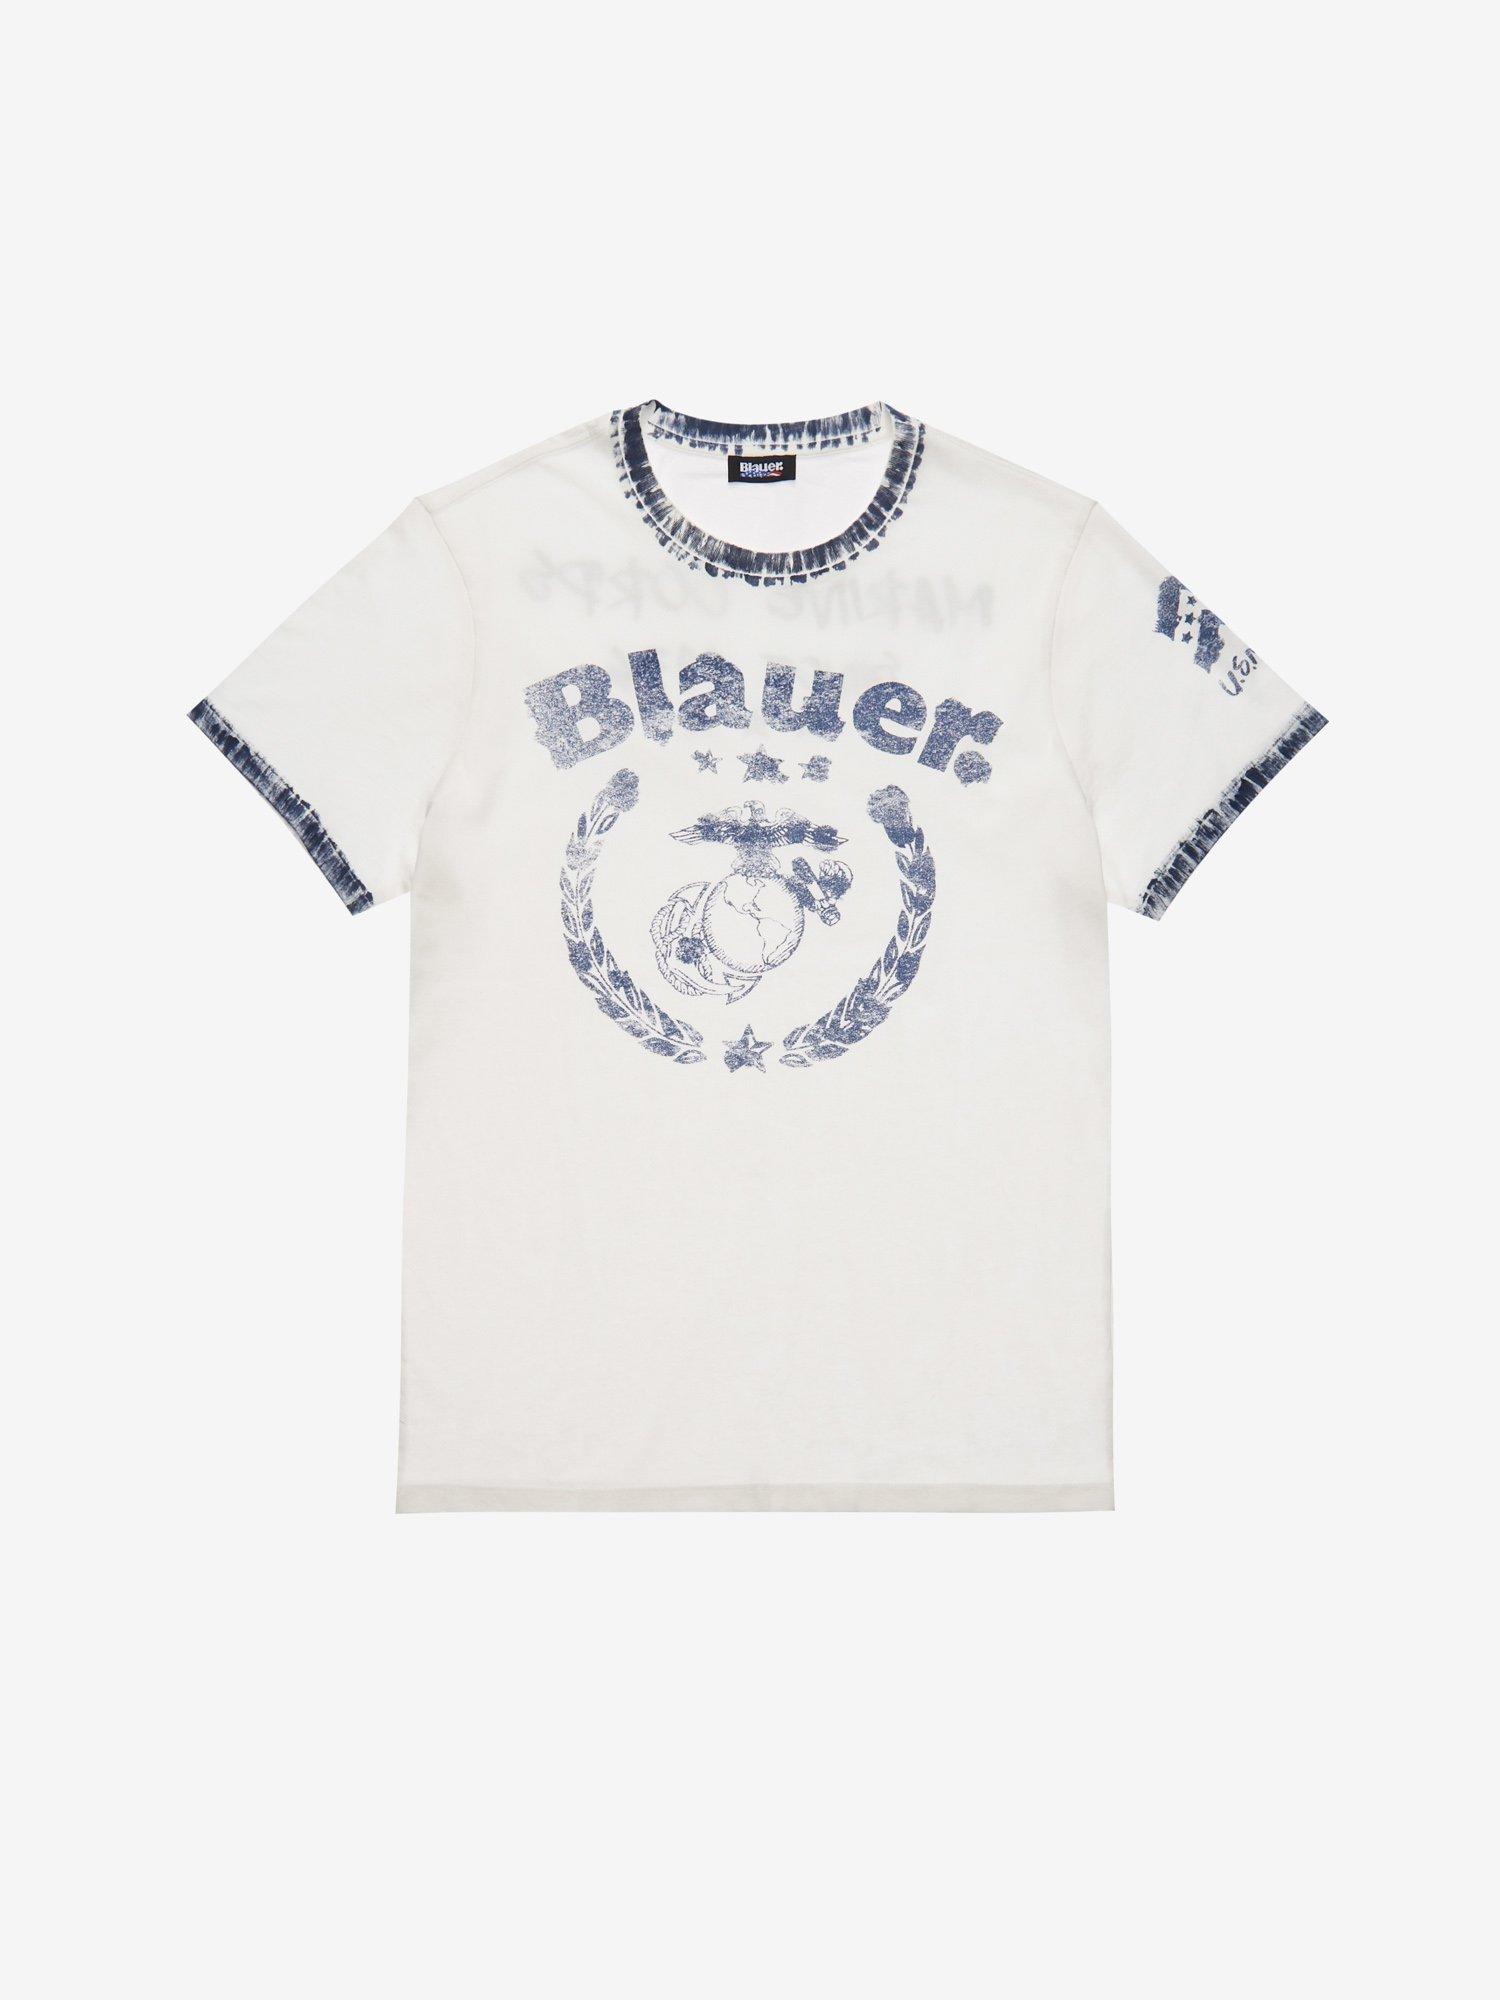 Blauer - MARINE T-SHIRT - Ivory - Blauer